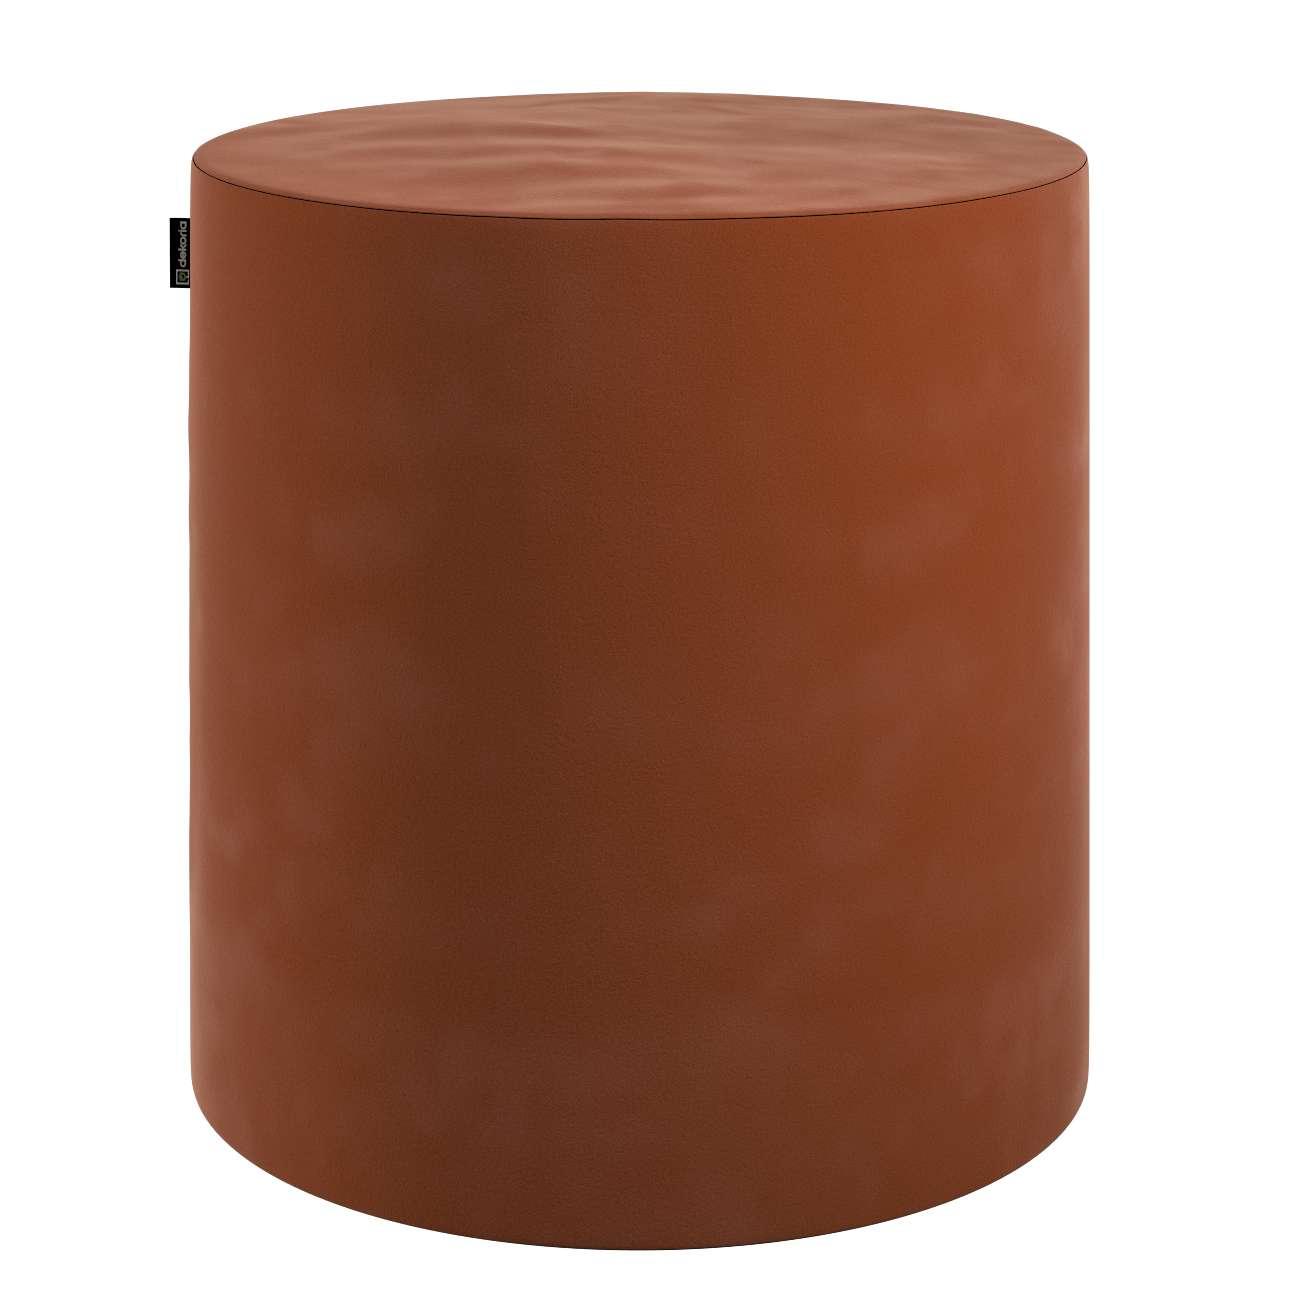 Sedák Barrel- válec pevný,  d40cm, výška 40cm v kolekci Velvet, látka: 704-33